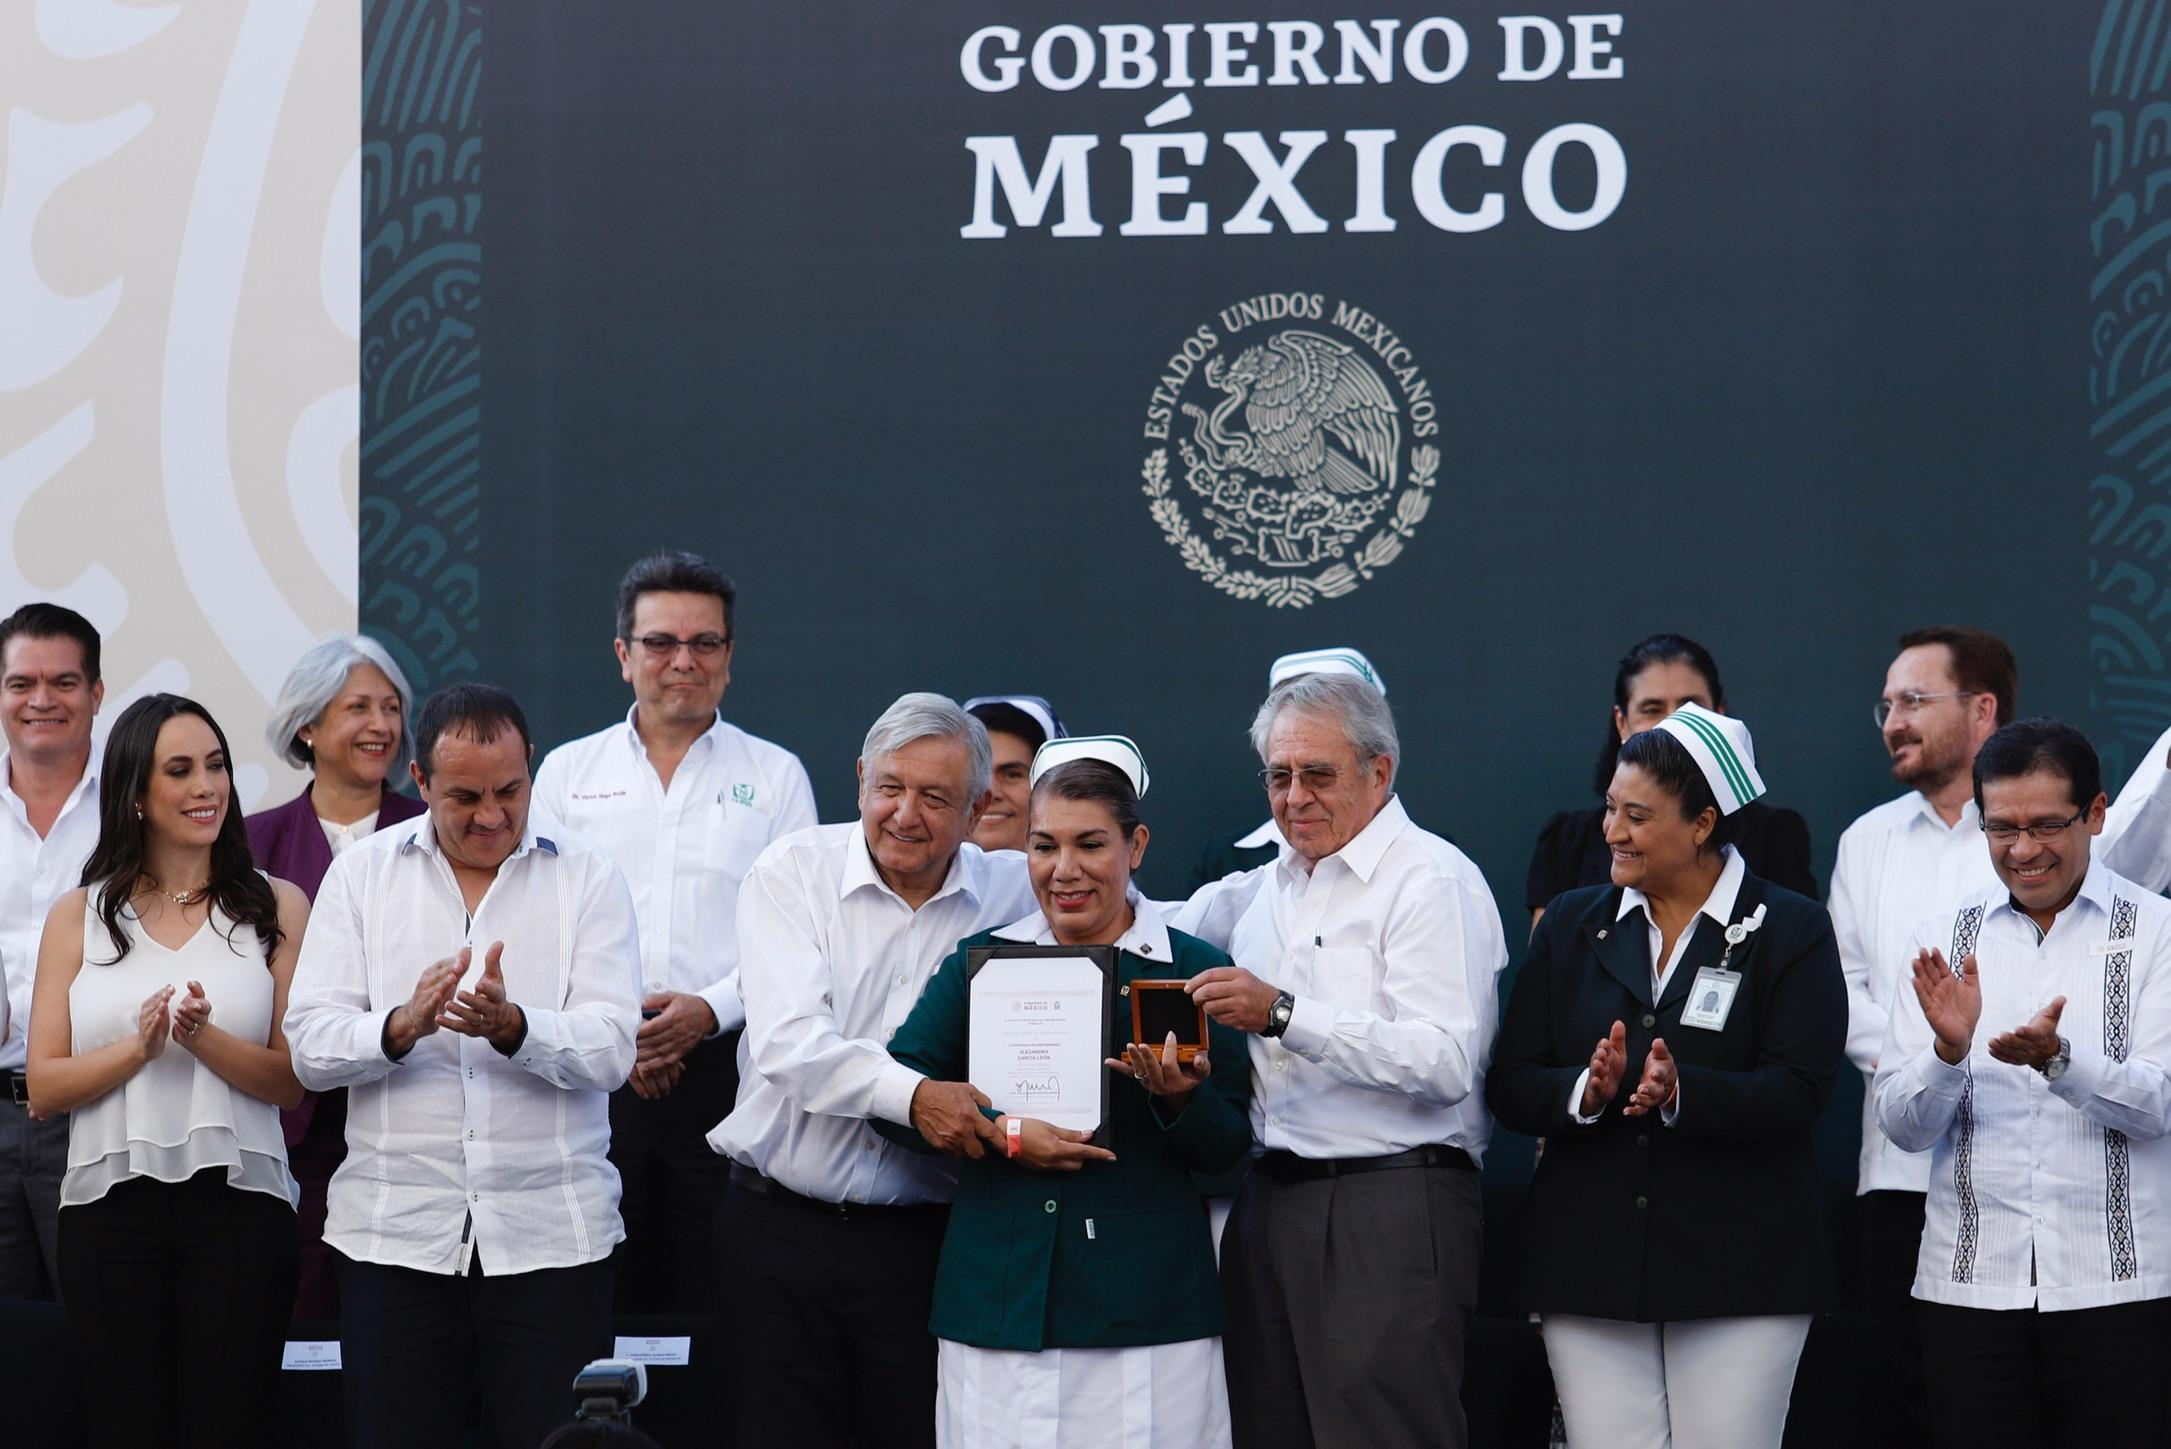 Ceremonia encabezada por el presidente Andrés Manuel López Obrador para conmemorar el Día de las Enfermeras y los Enfermeros 2020